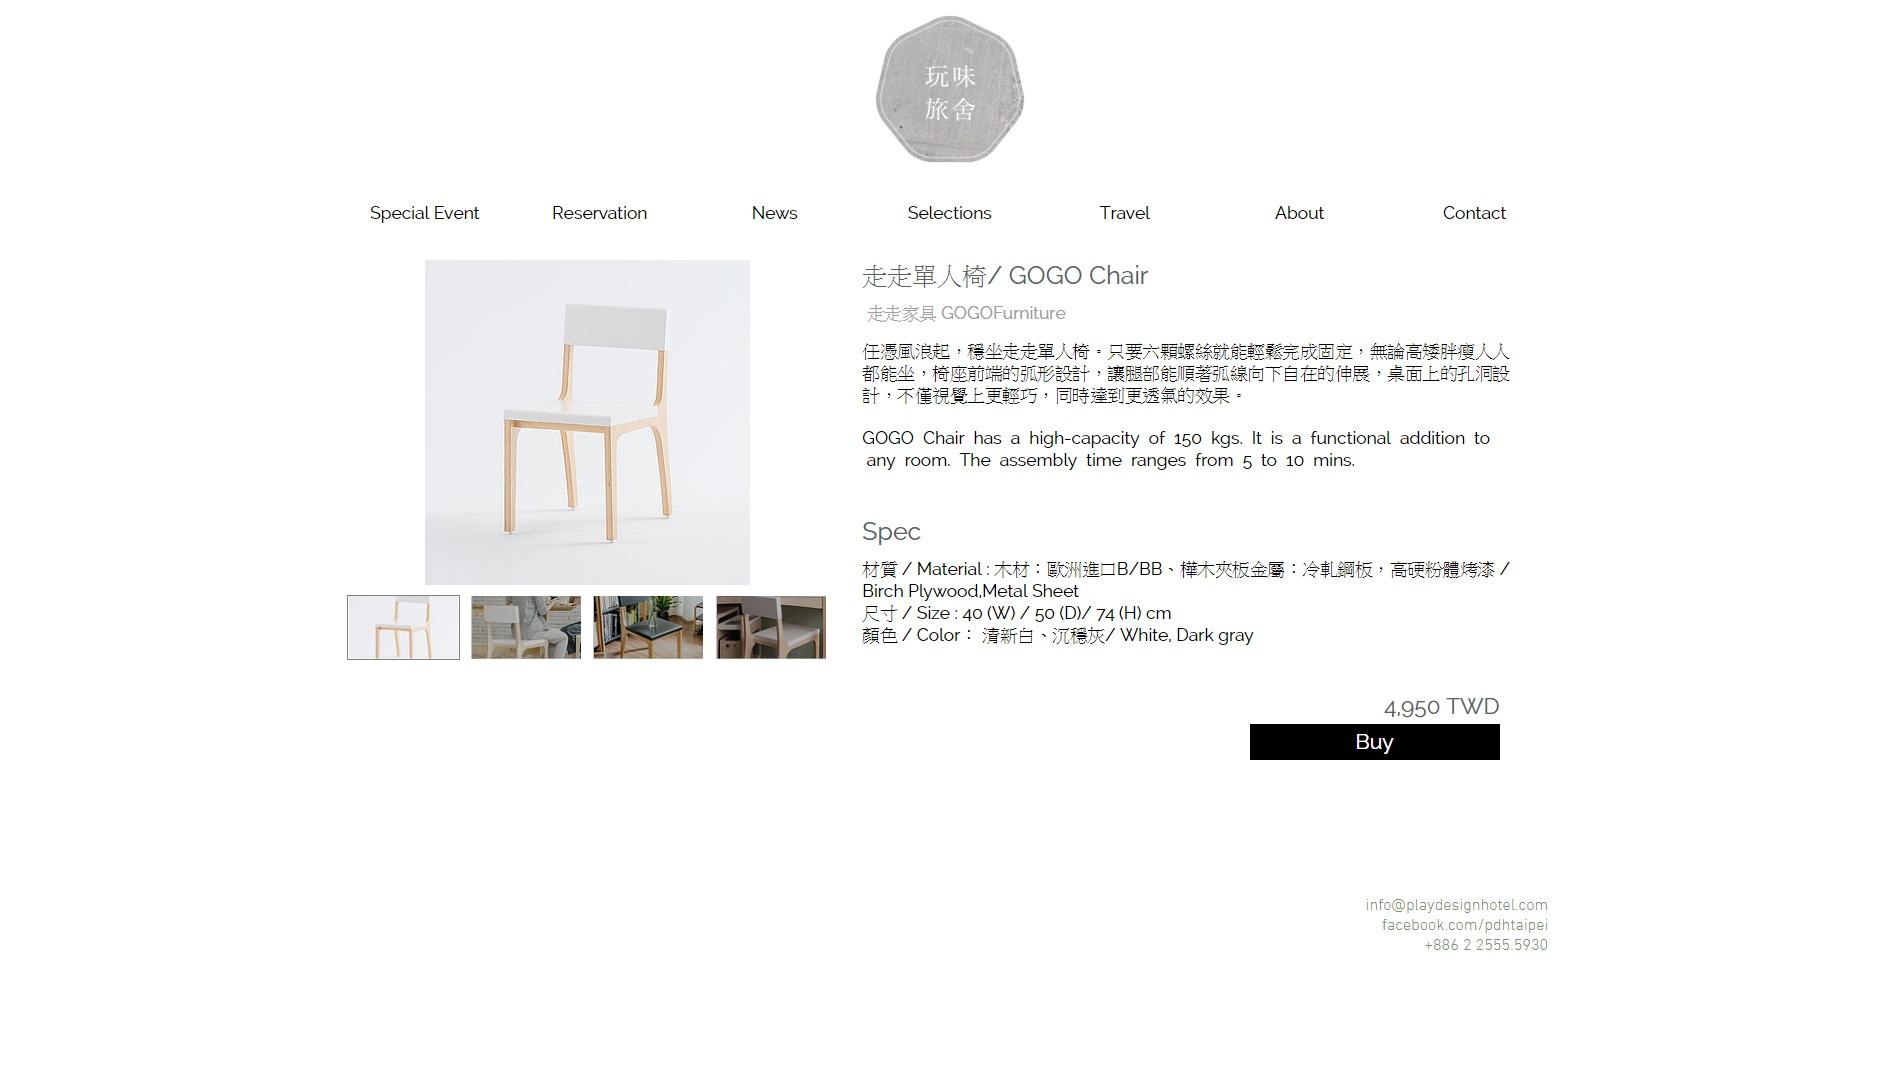 使用者在挑選的過程中,開始接觸及認識優秀的台灣設計師傢俱及傢飾作品。